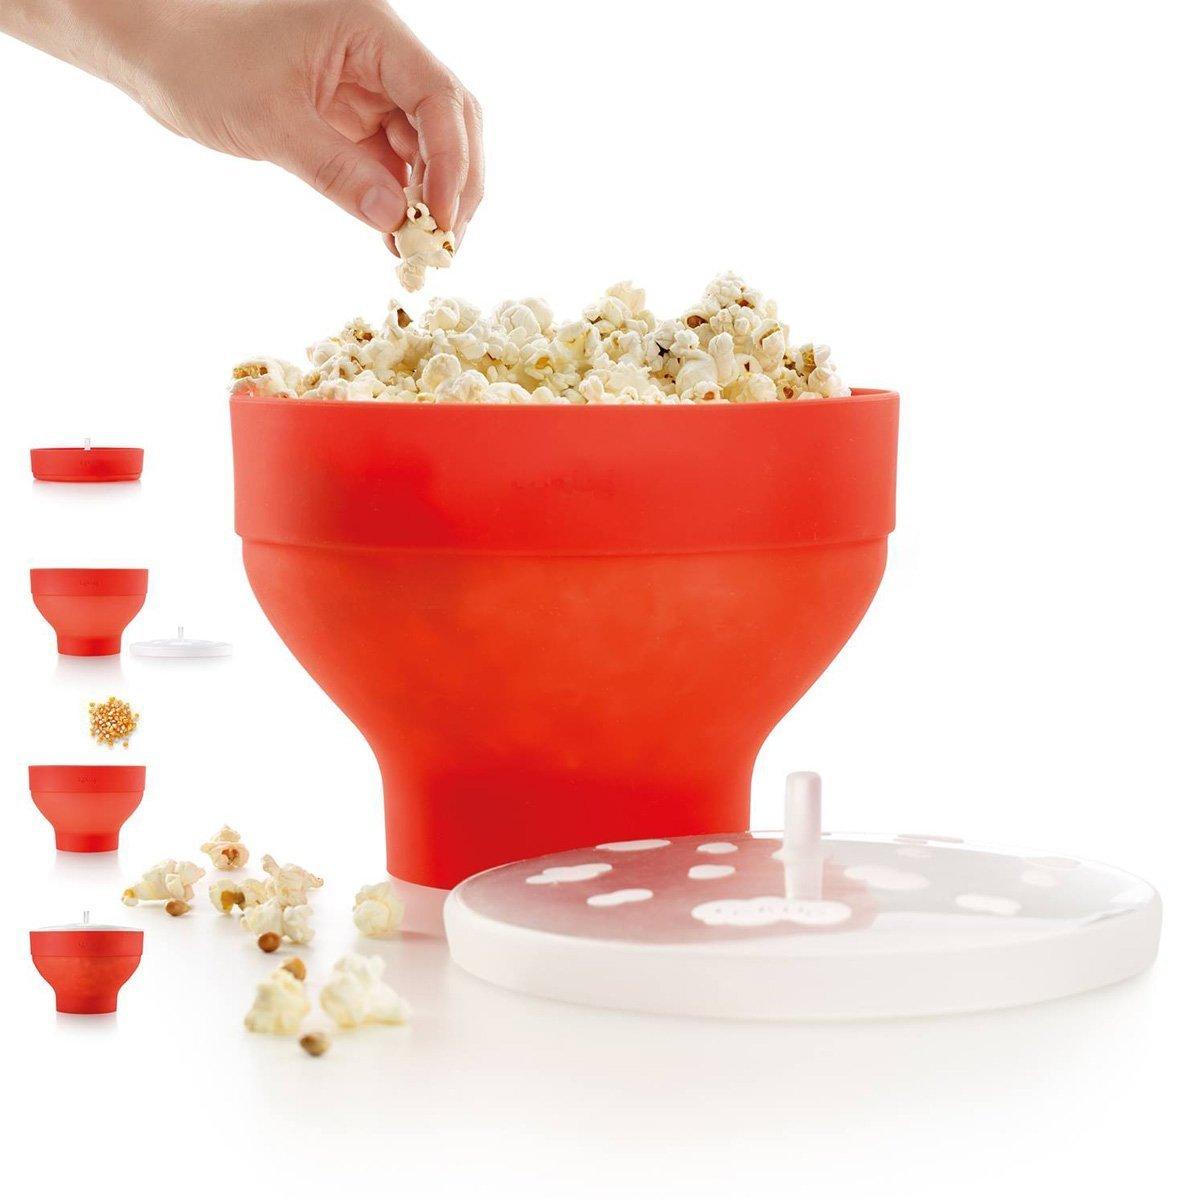 Richard Bergendi PoPuP Mikrowelle Popcorn Popper mit praktischen Griffen Silikon Popcorn Maker Faltschale mit Deckel